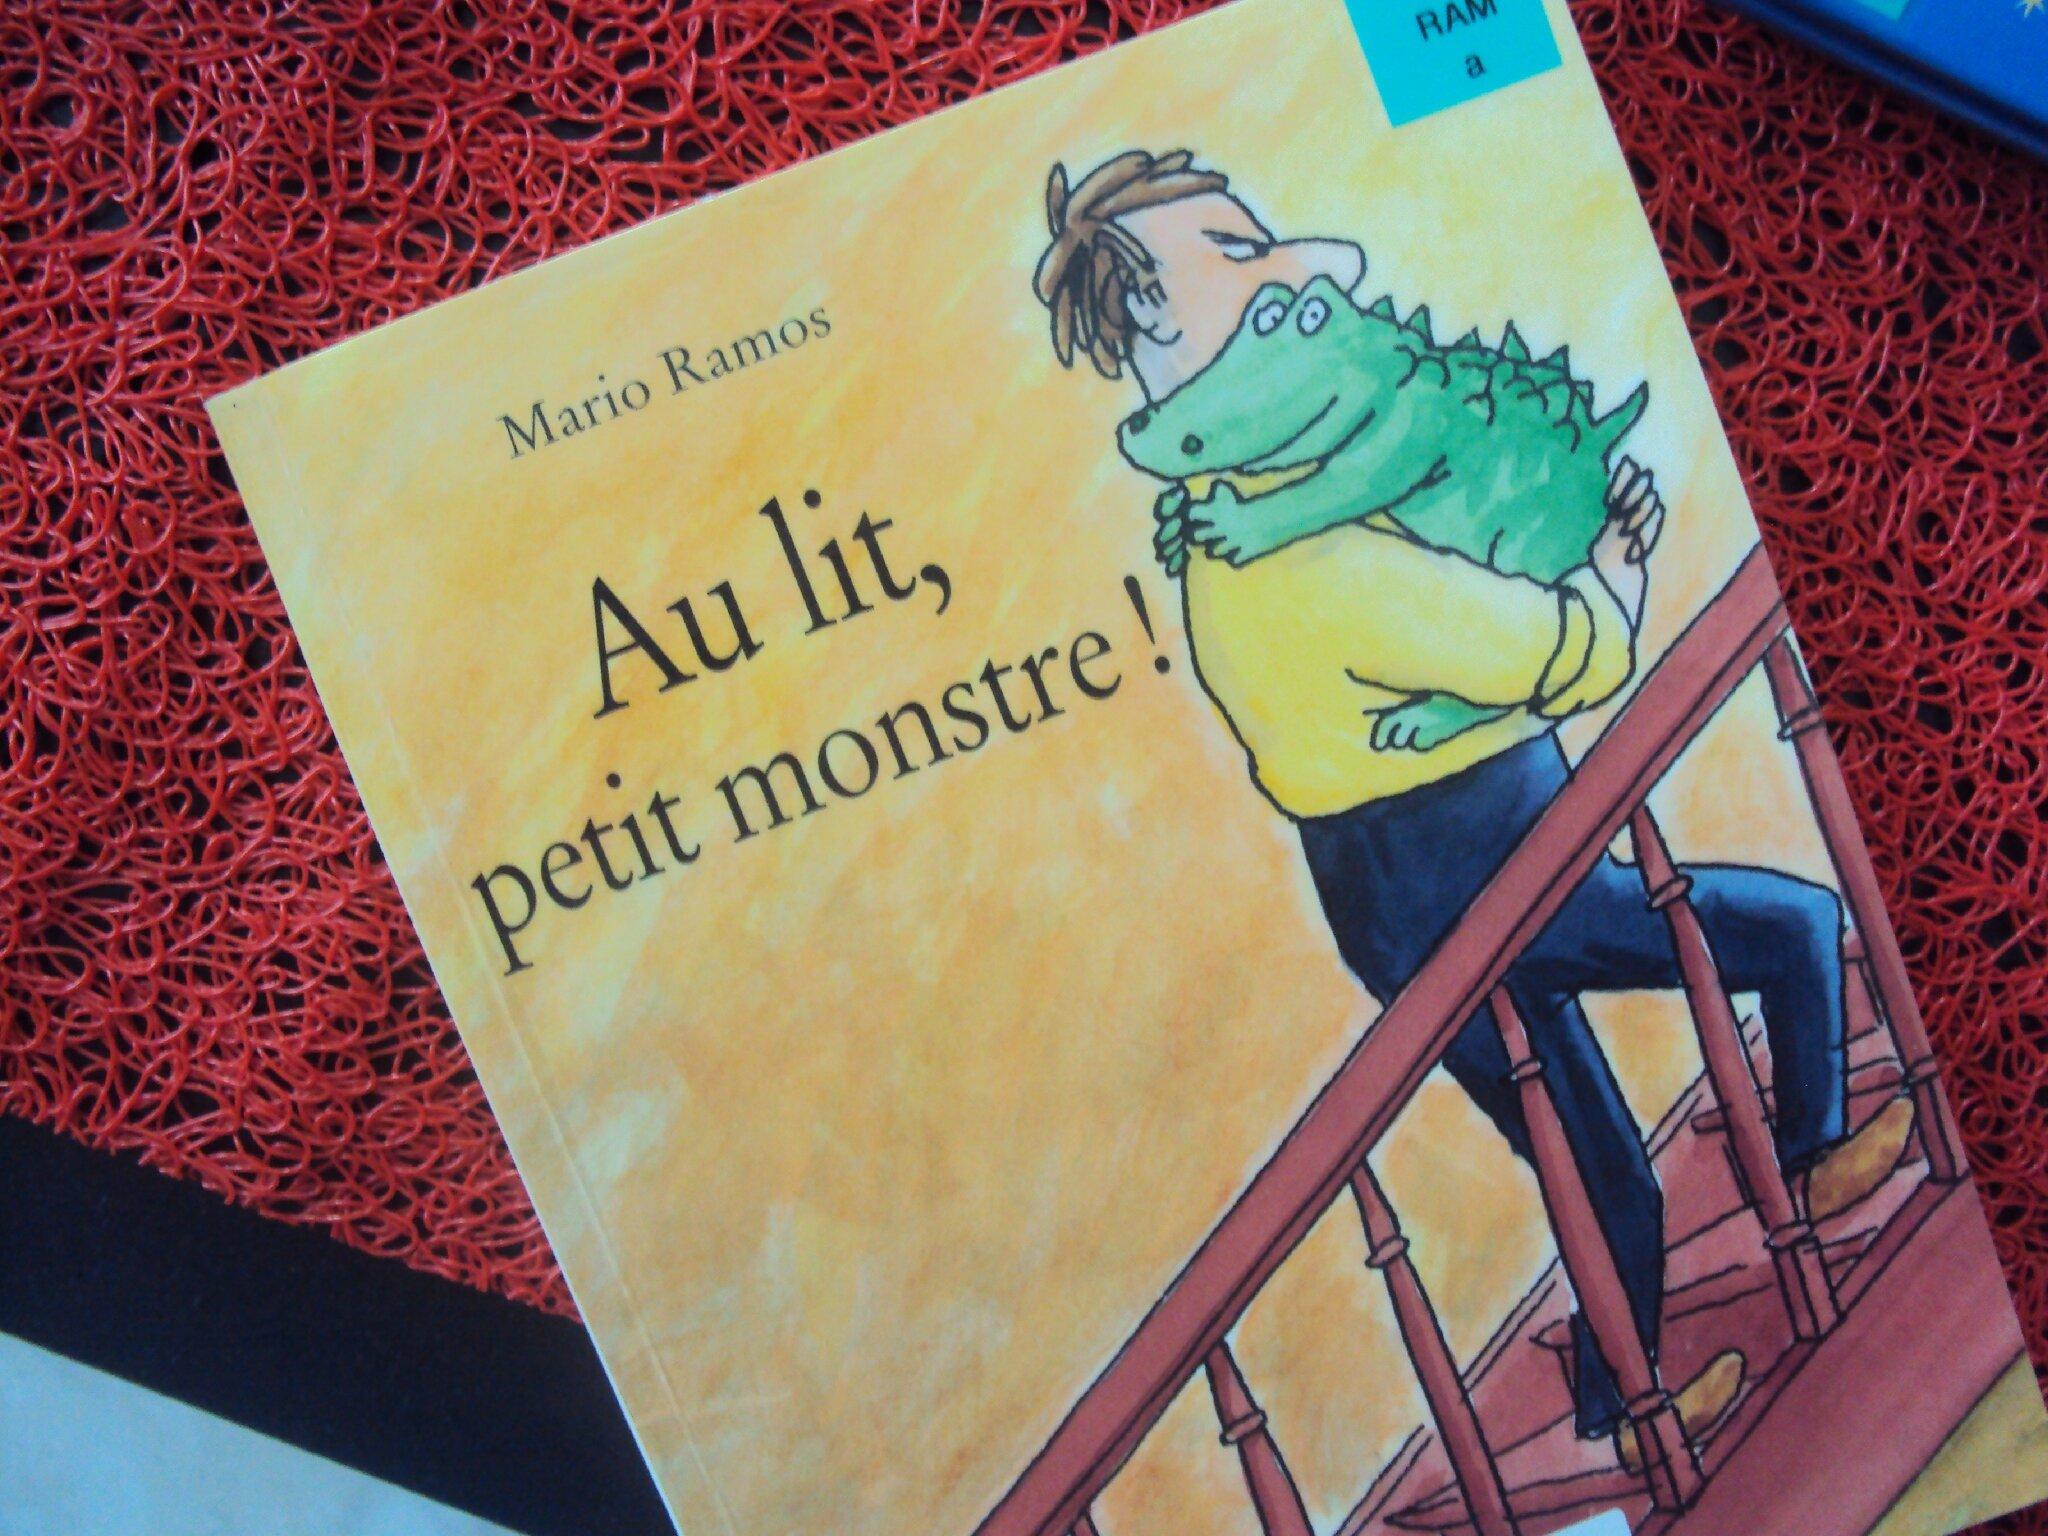 Au lit petit monstre le petit train des livres d 39 emilie - Monstre de mario ...